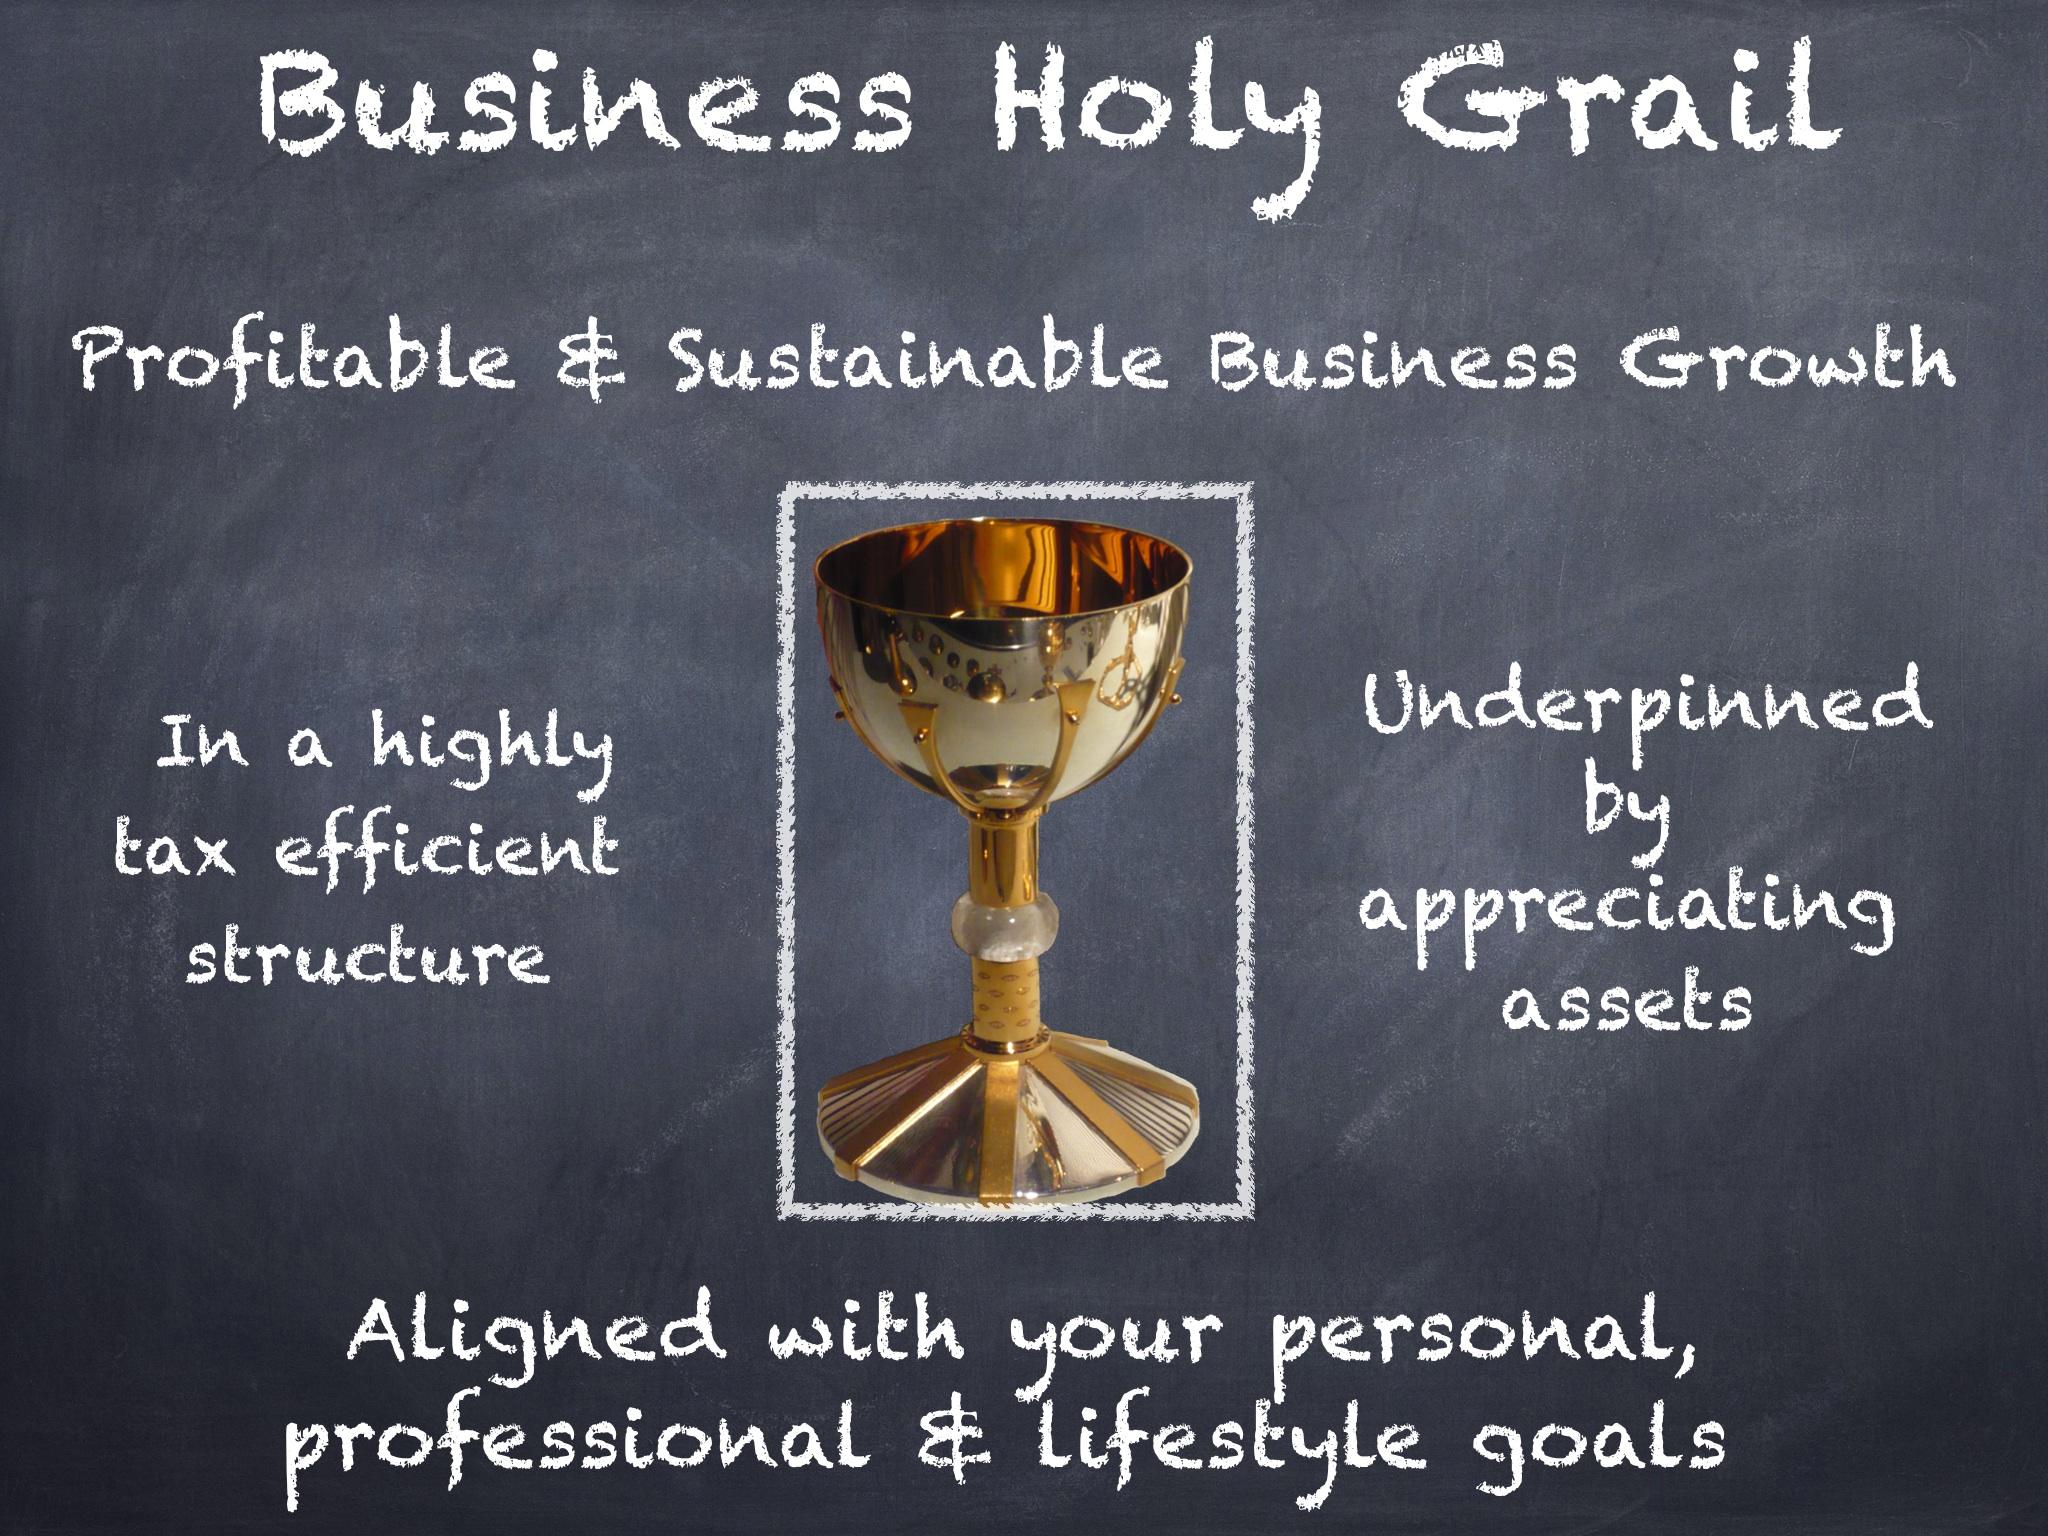 Business Holy Grail | Steve Bolton's Blog